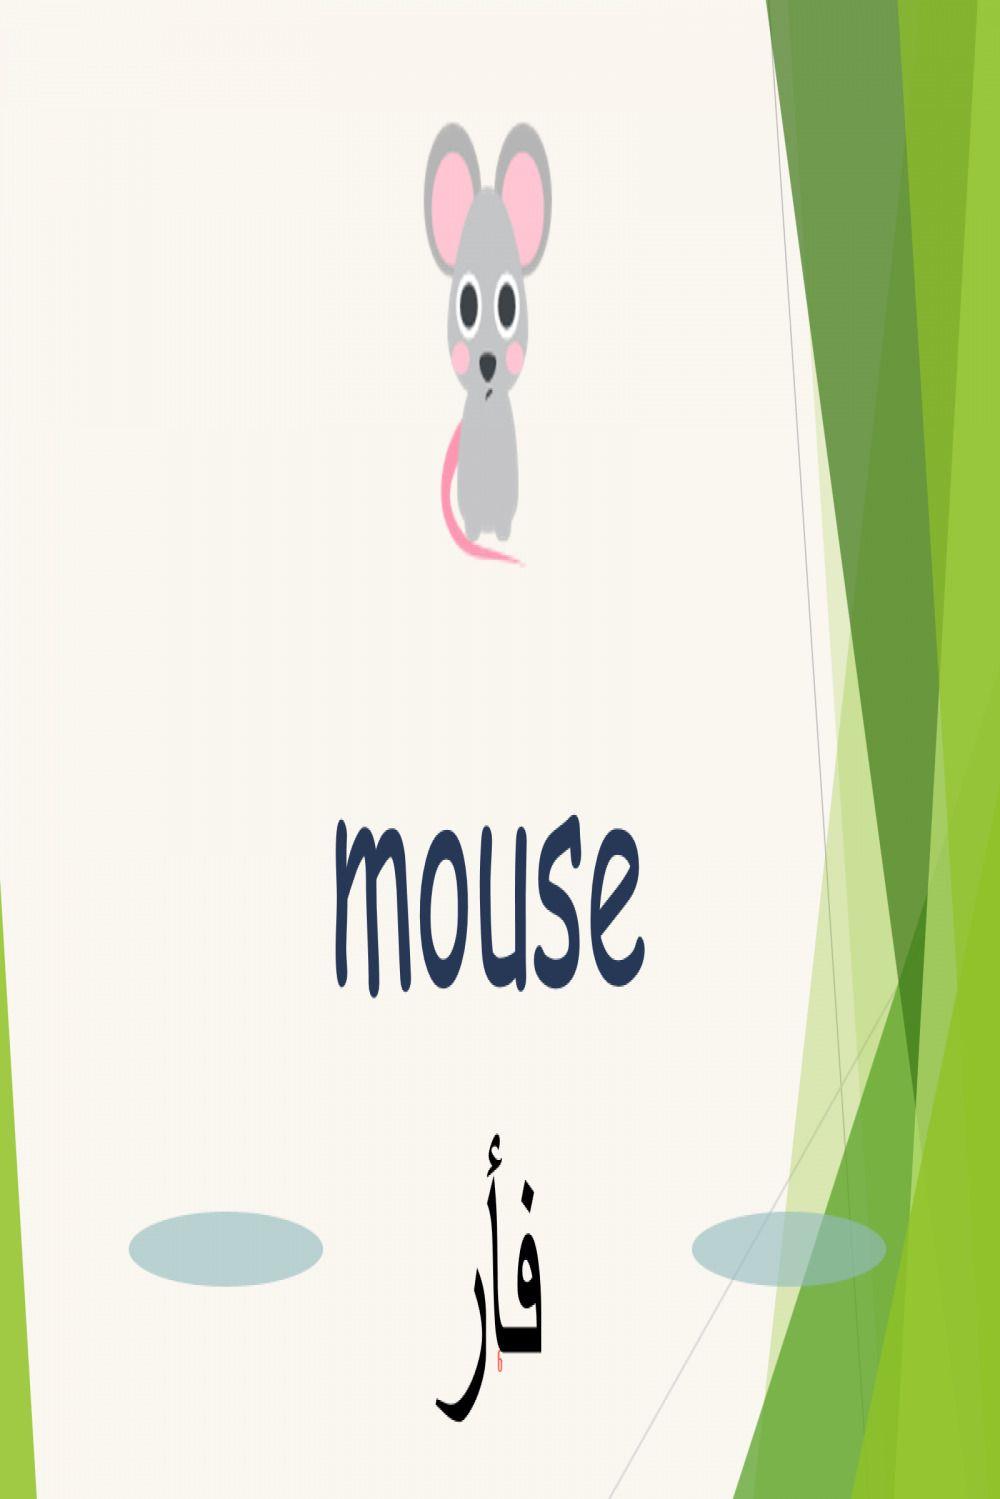 الحيوانات في اللغة الانجليزية الجزء الاول الحيوانات الاليفة Home Decor Decals Home Decor Blog Posts